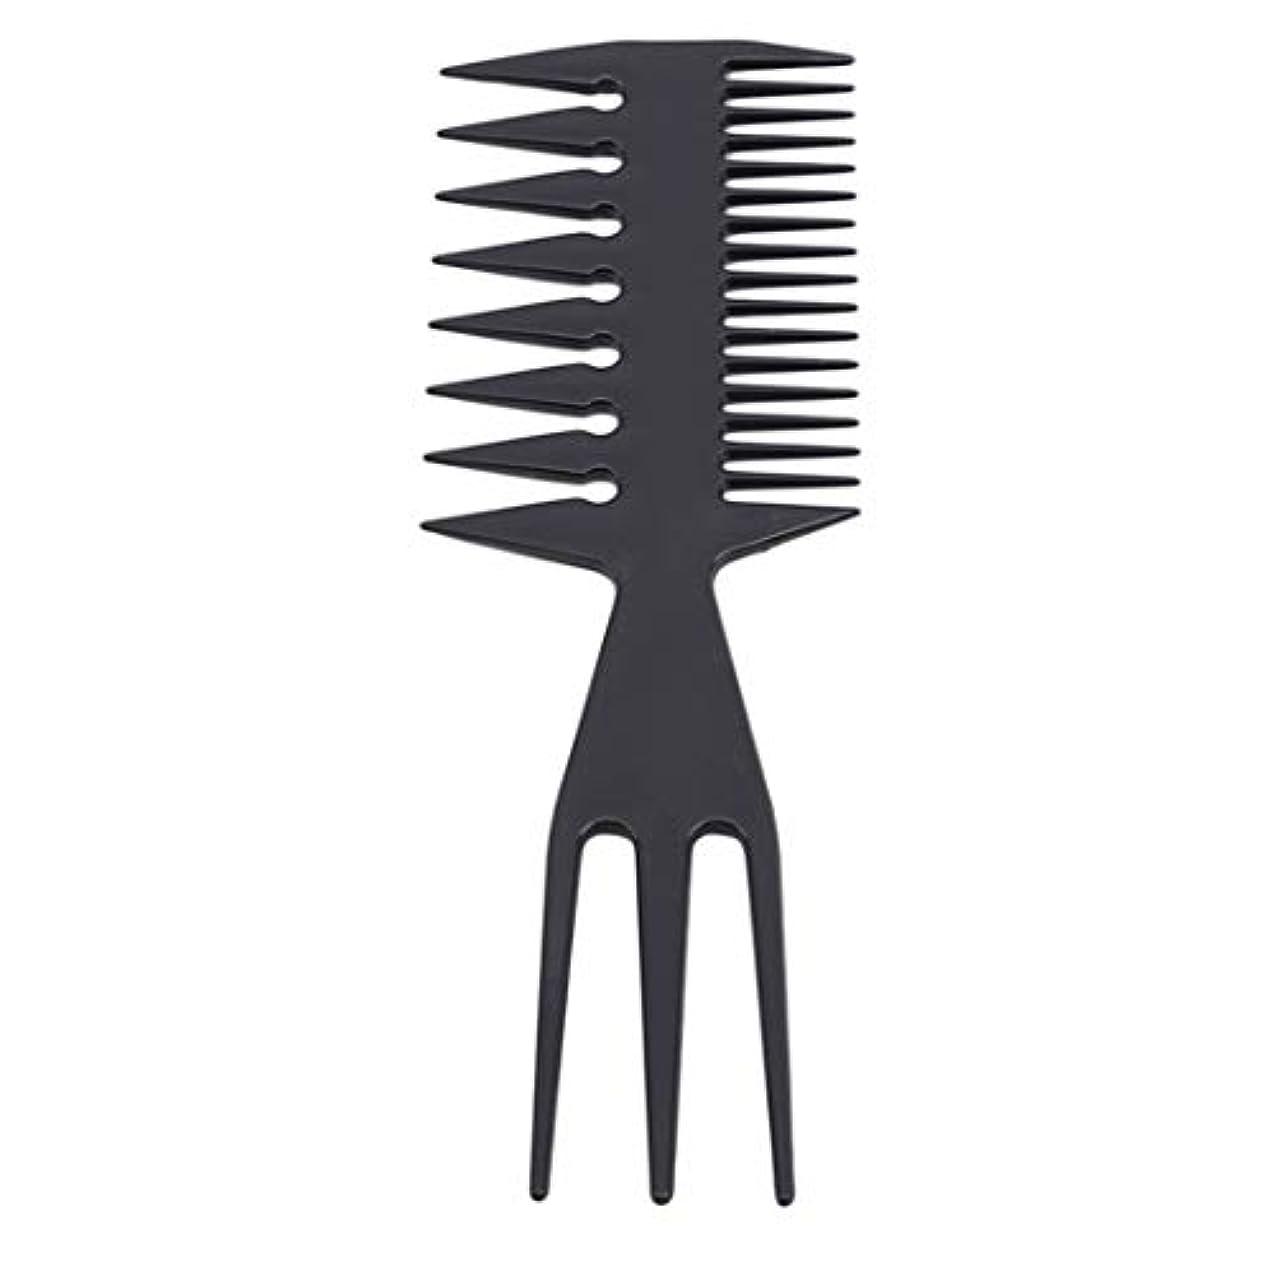 本質的ではない打たれたトラックサンドイッチUnderleaf 耐久性のあるヘアコームマッサージコーム男性の広い歯クラシックオイルスリックスタイリングヘアブラシ理髪ツール